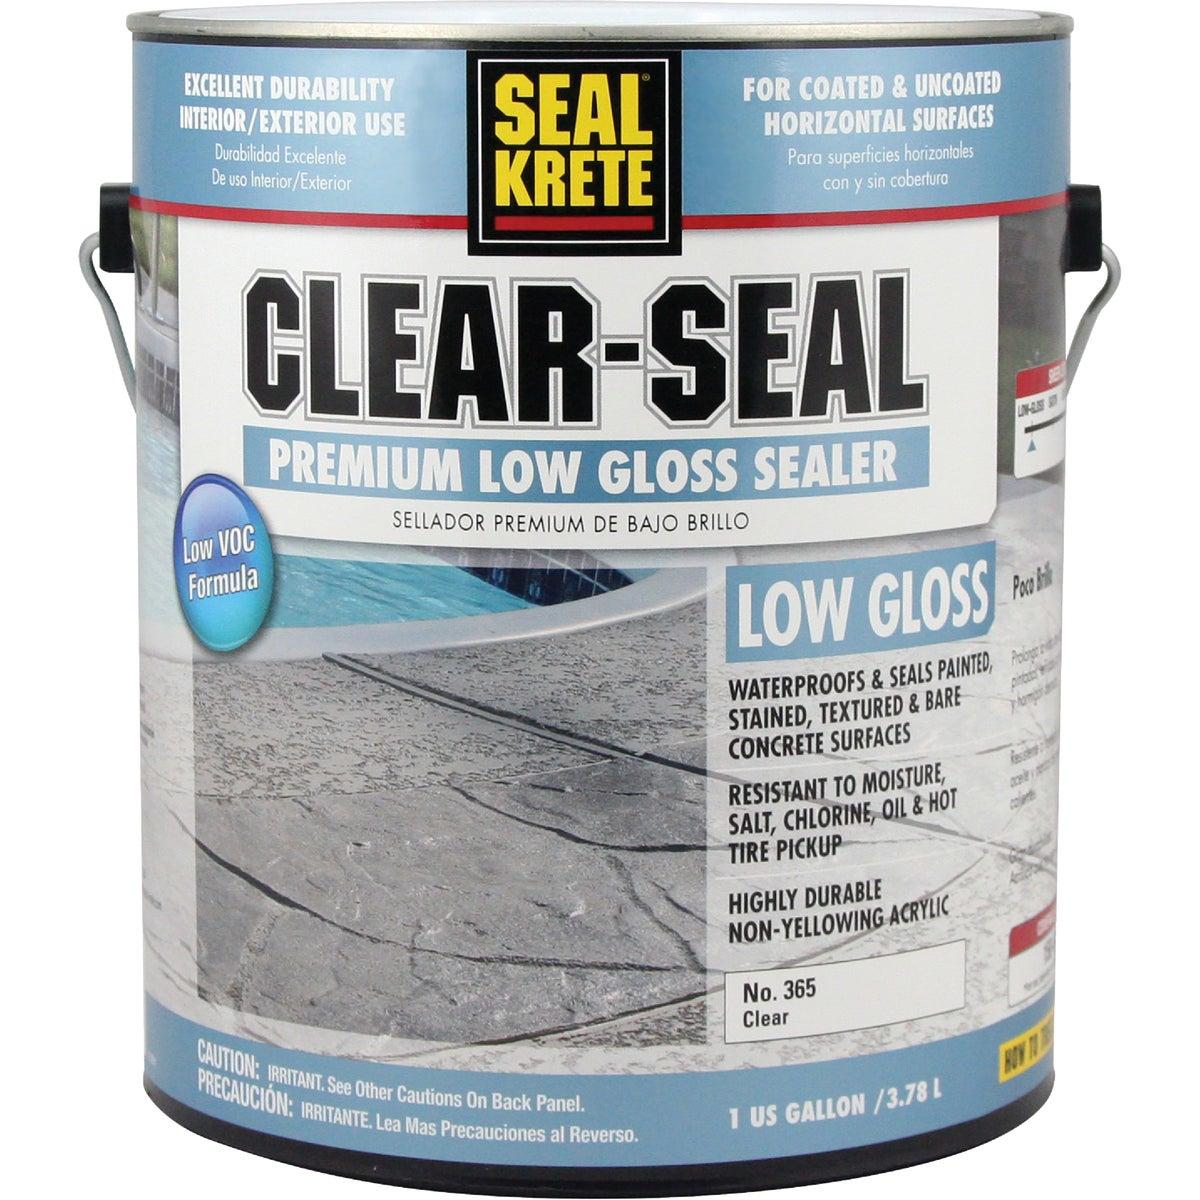 LVOC CLEAR SEALER